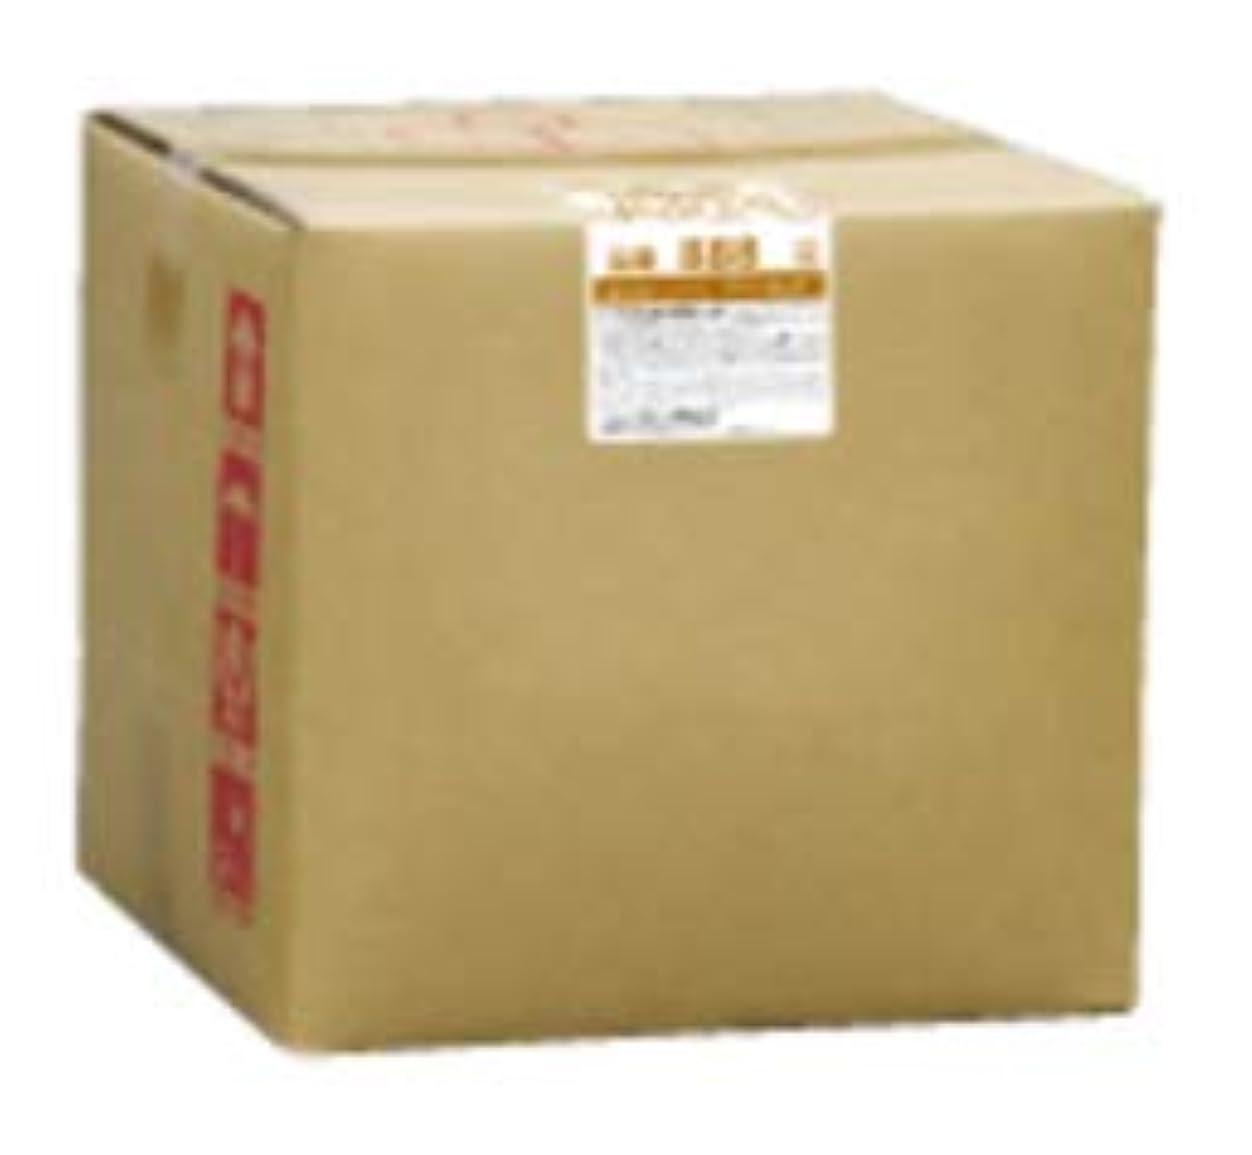 フタバ化学 スパジアス コンディショナー 18L 詰め替え 800ml専用空容器付 黒糖と蜂蜜